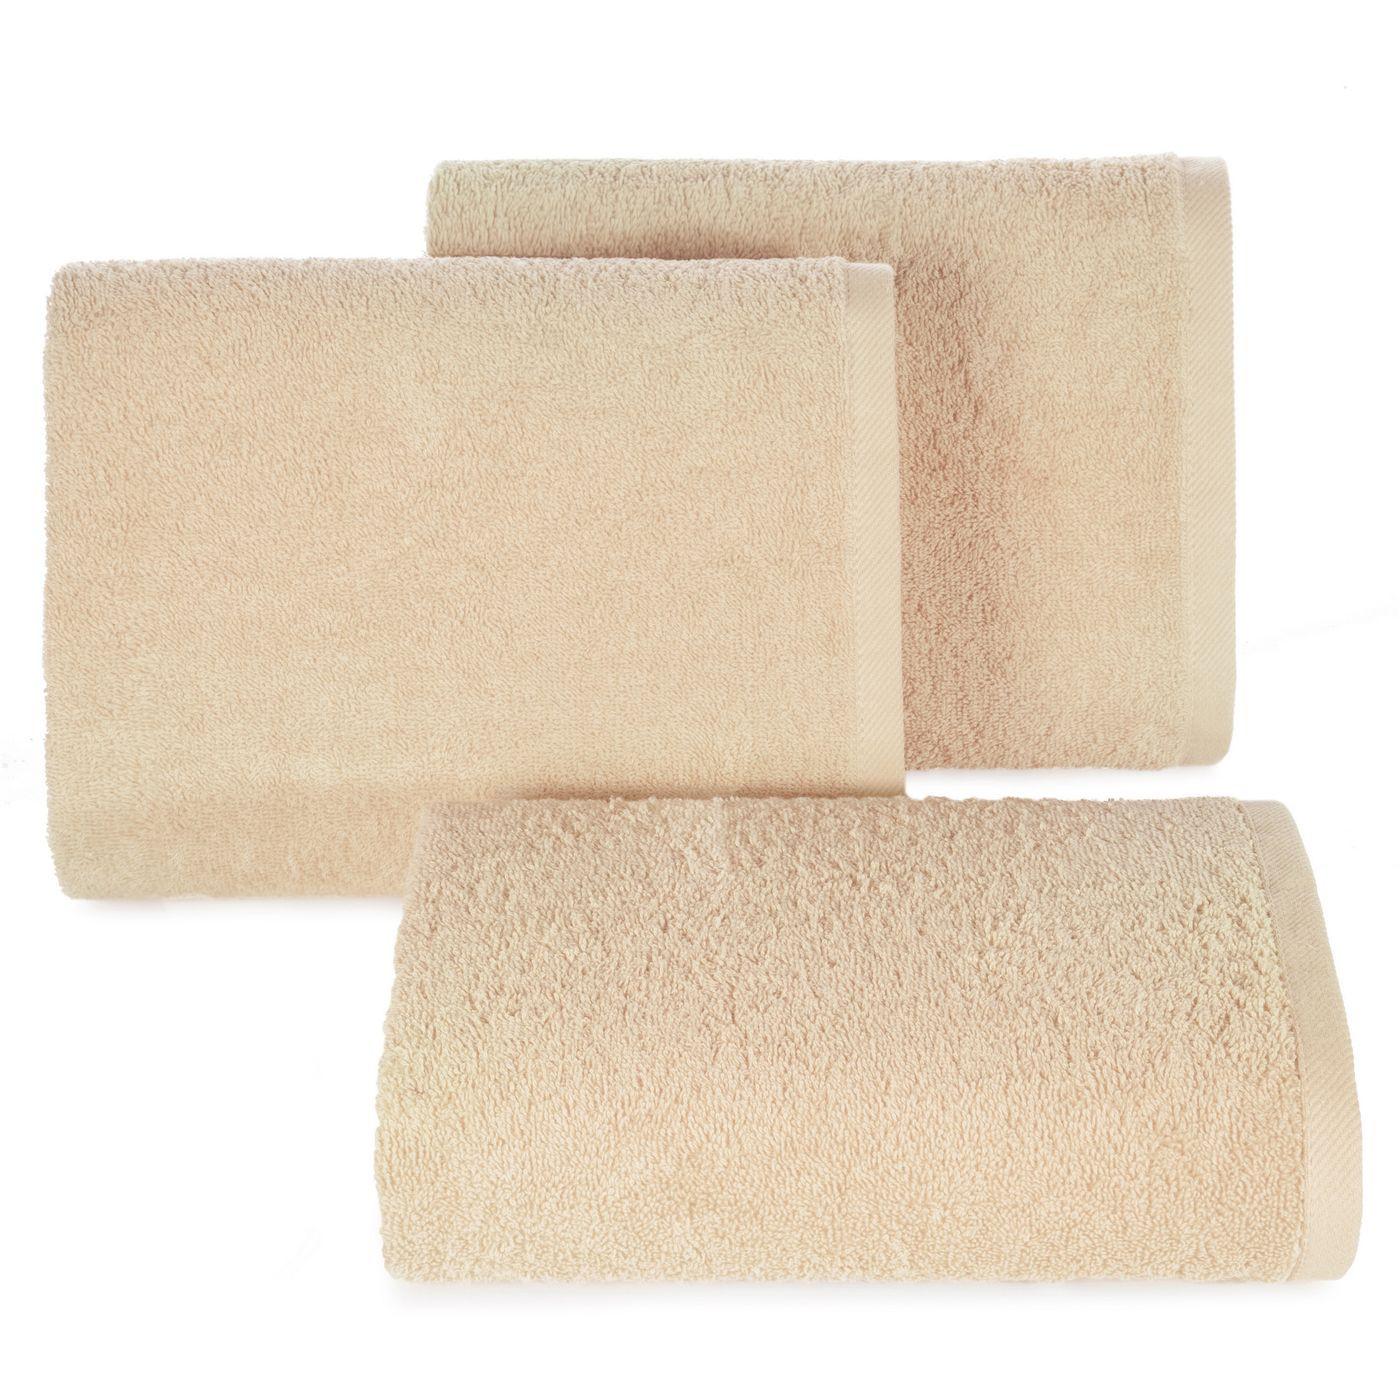 Ręcznik bawełniany gładki beżowy 50x90 cm